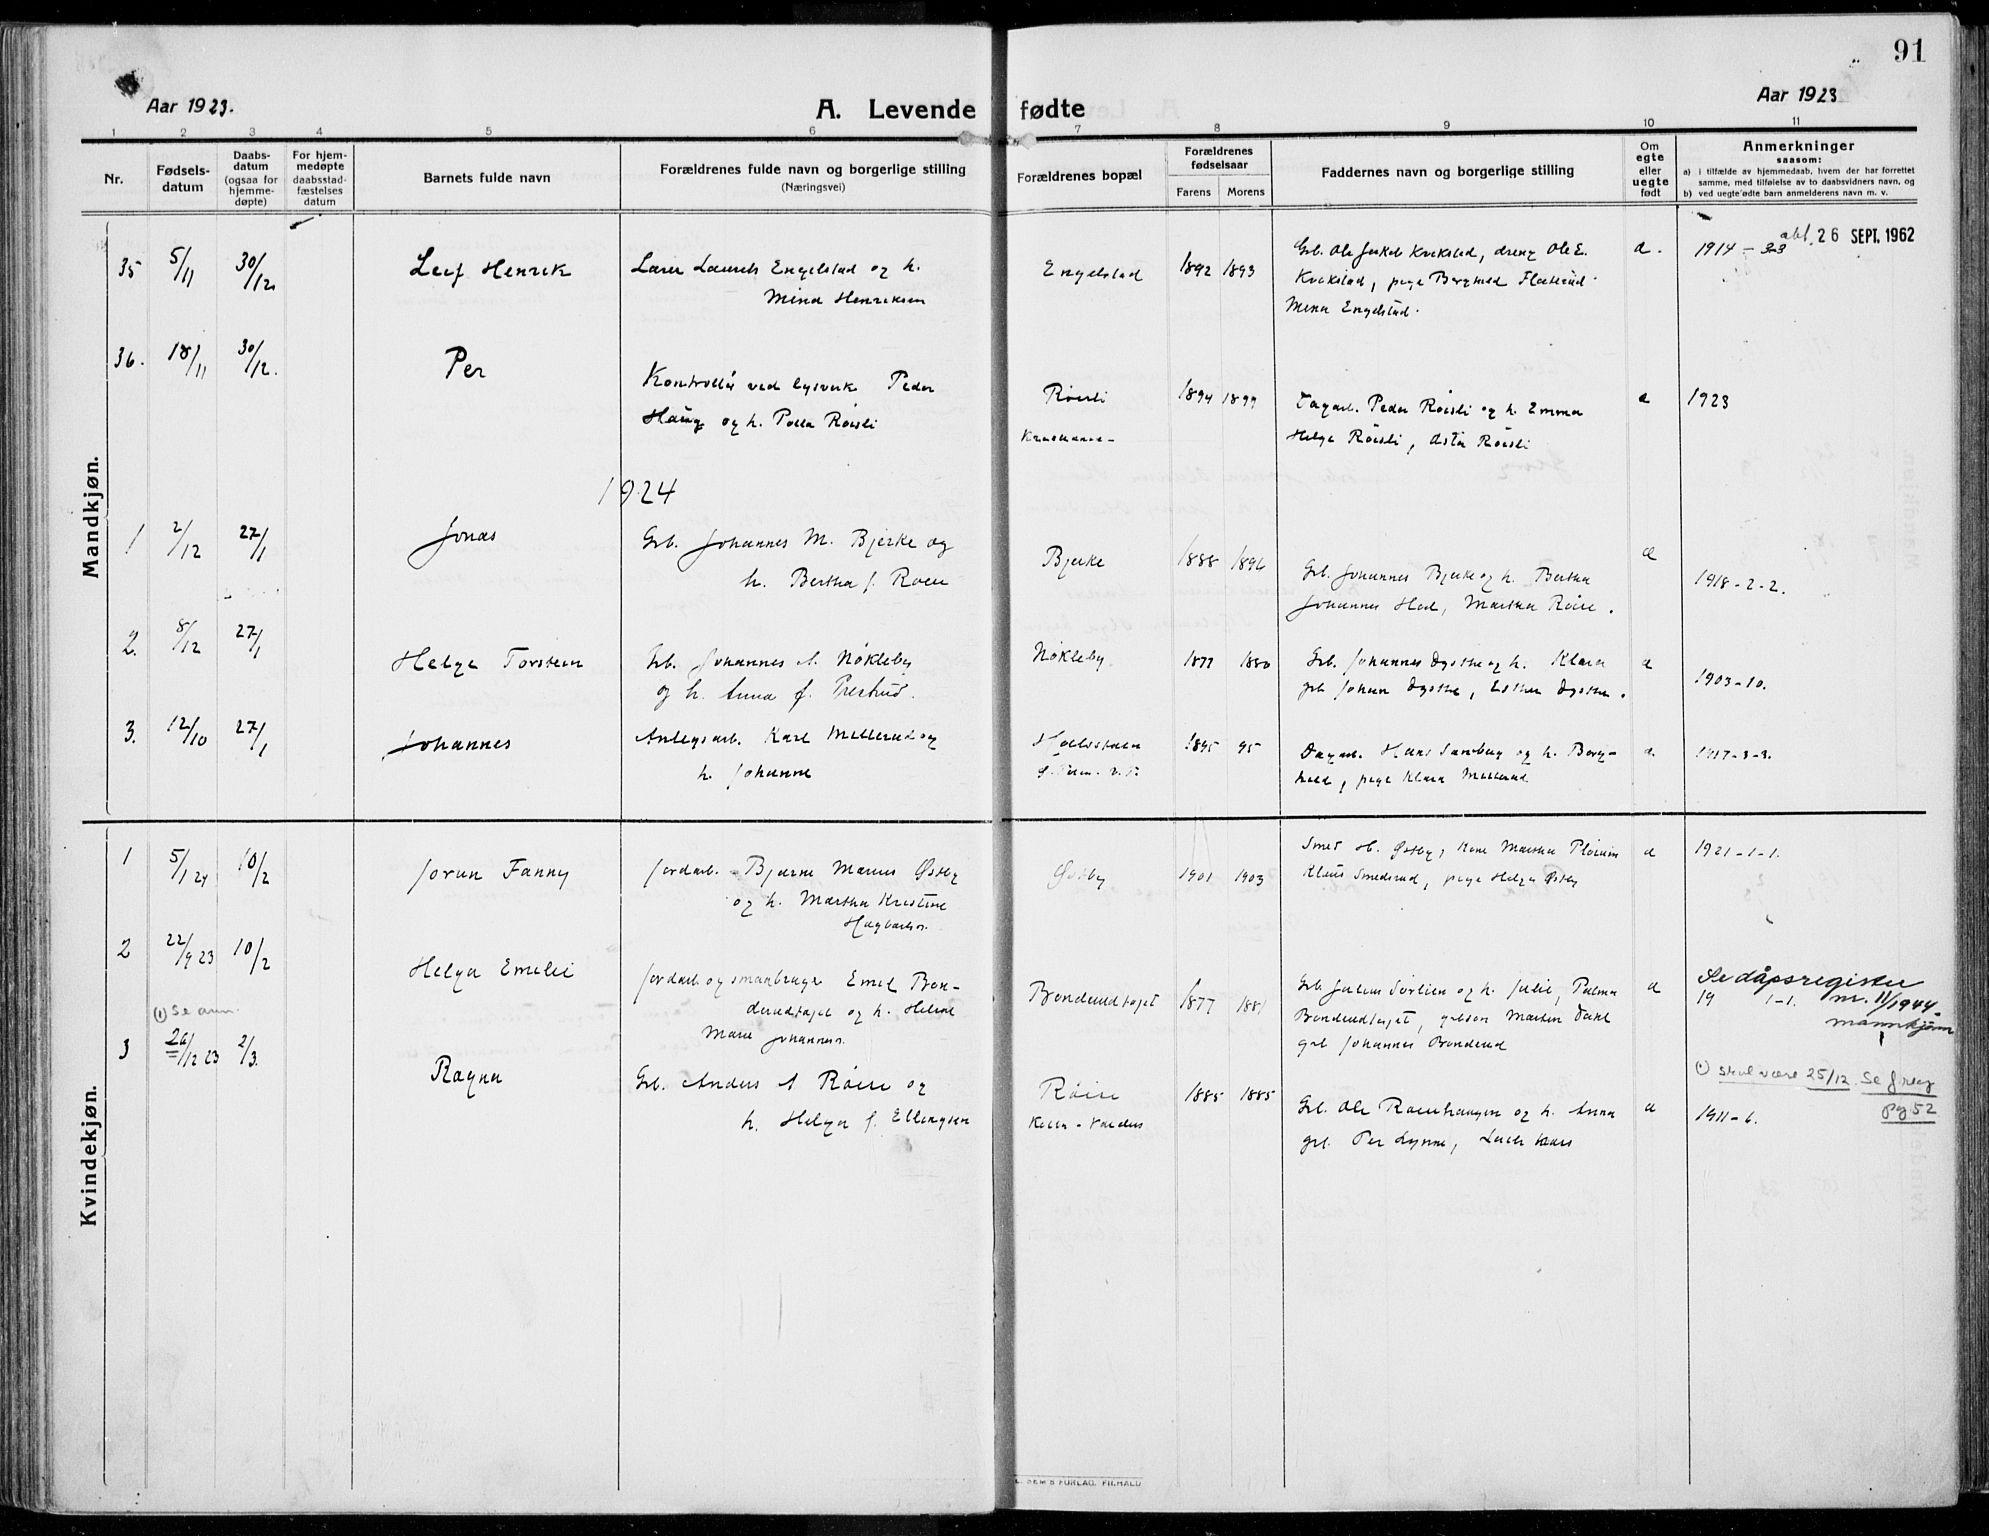 SAH, Kolbu prestekontor, Ministerialbok nr. 2, 1912-1926, s. 91